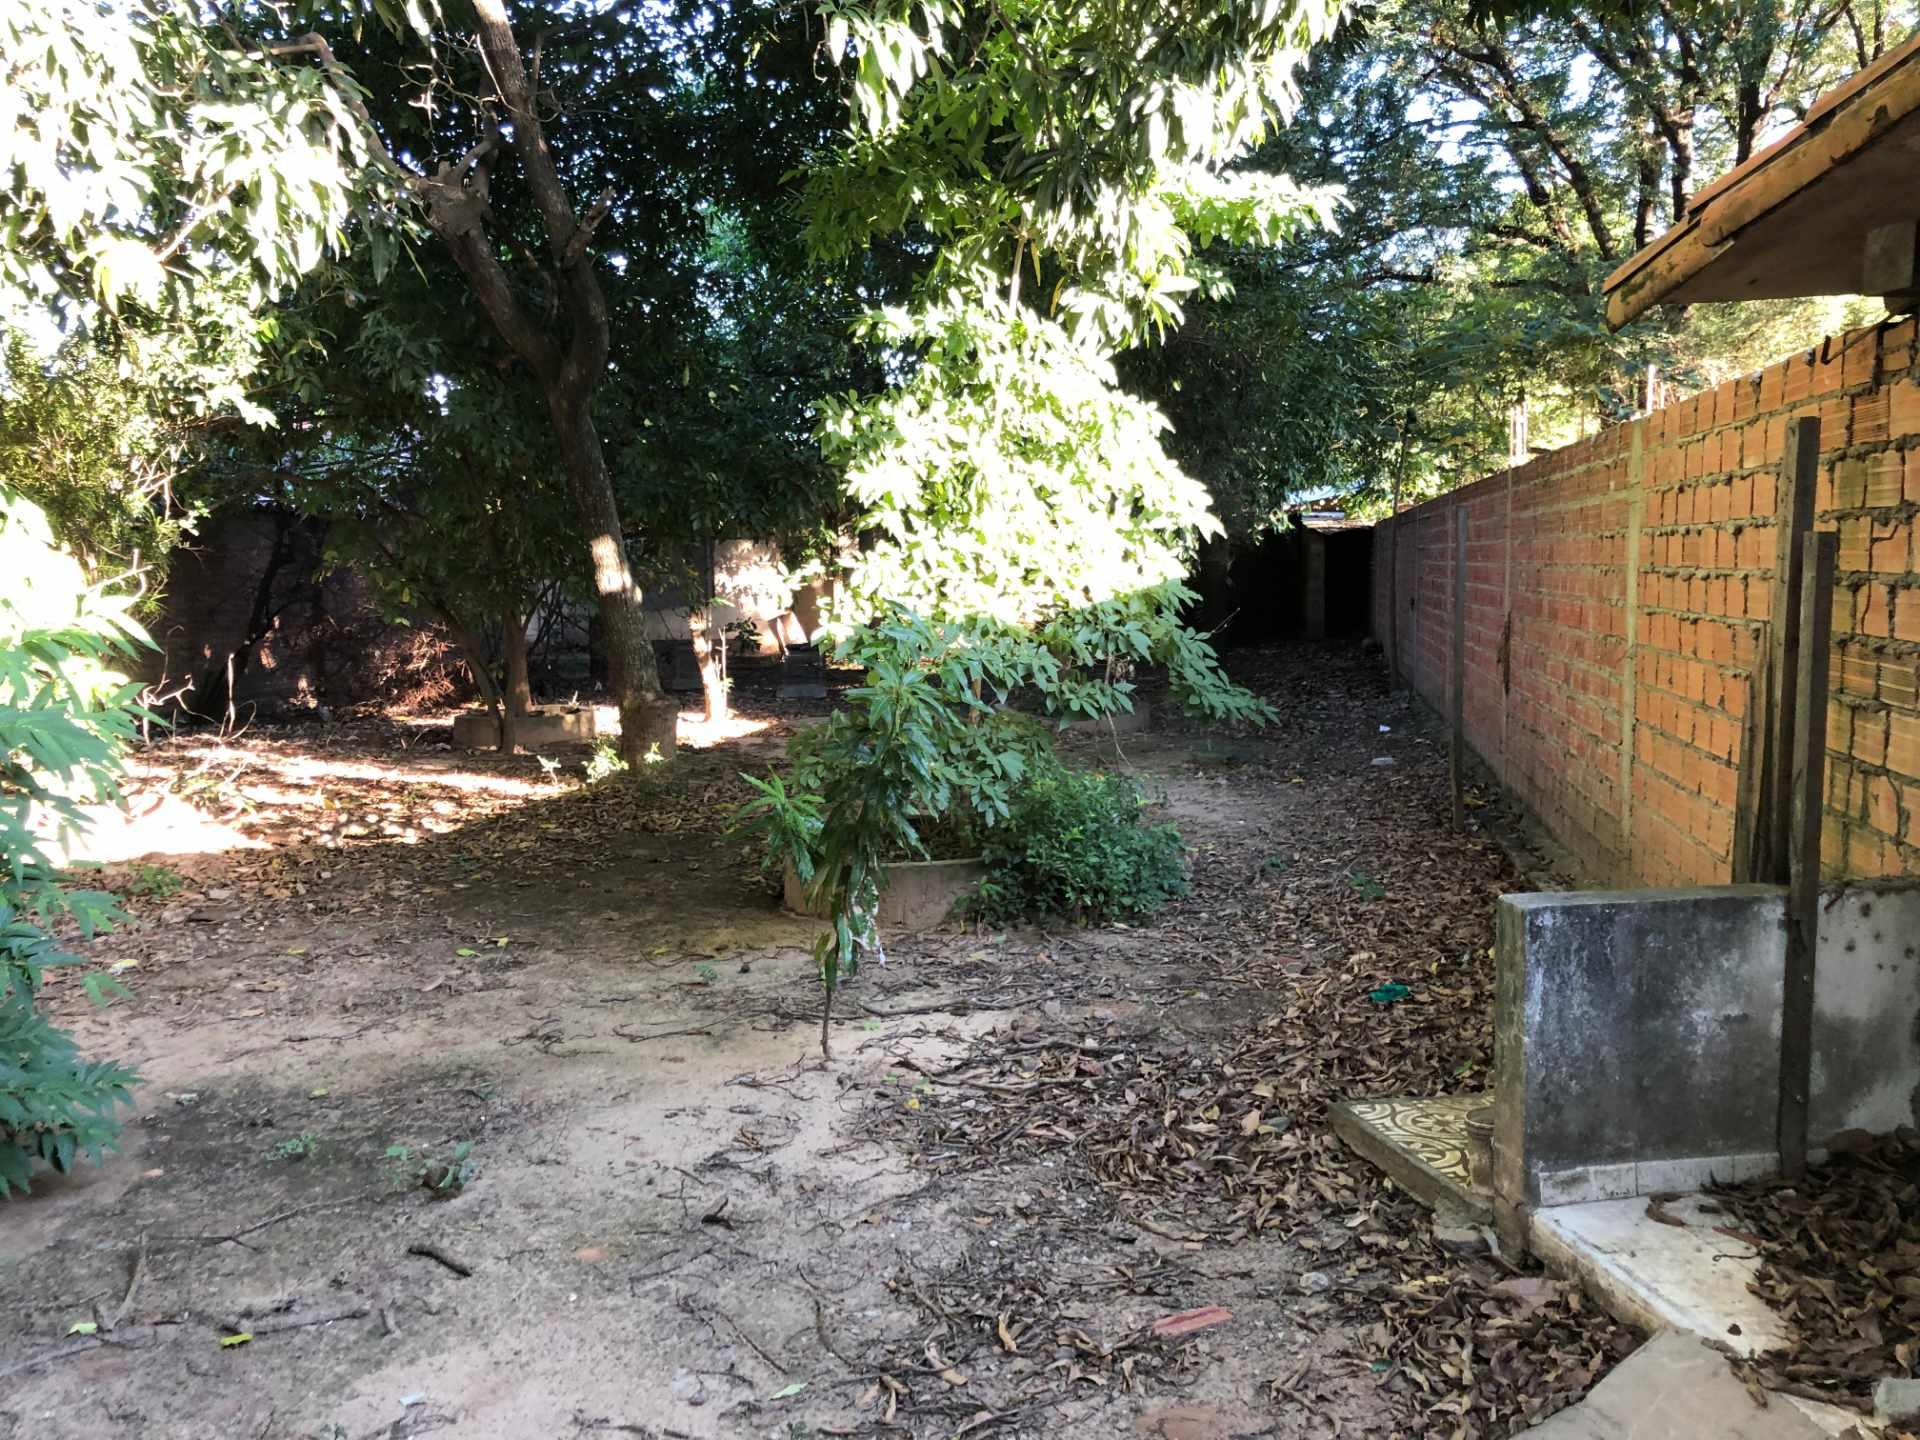 Terreno en Venta Calle El Fuerte s/n, zona barrio Los Choferes (al lado del Hostal Jodanga) Foto 7